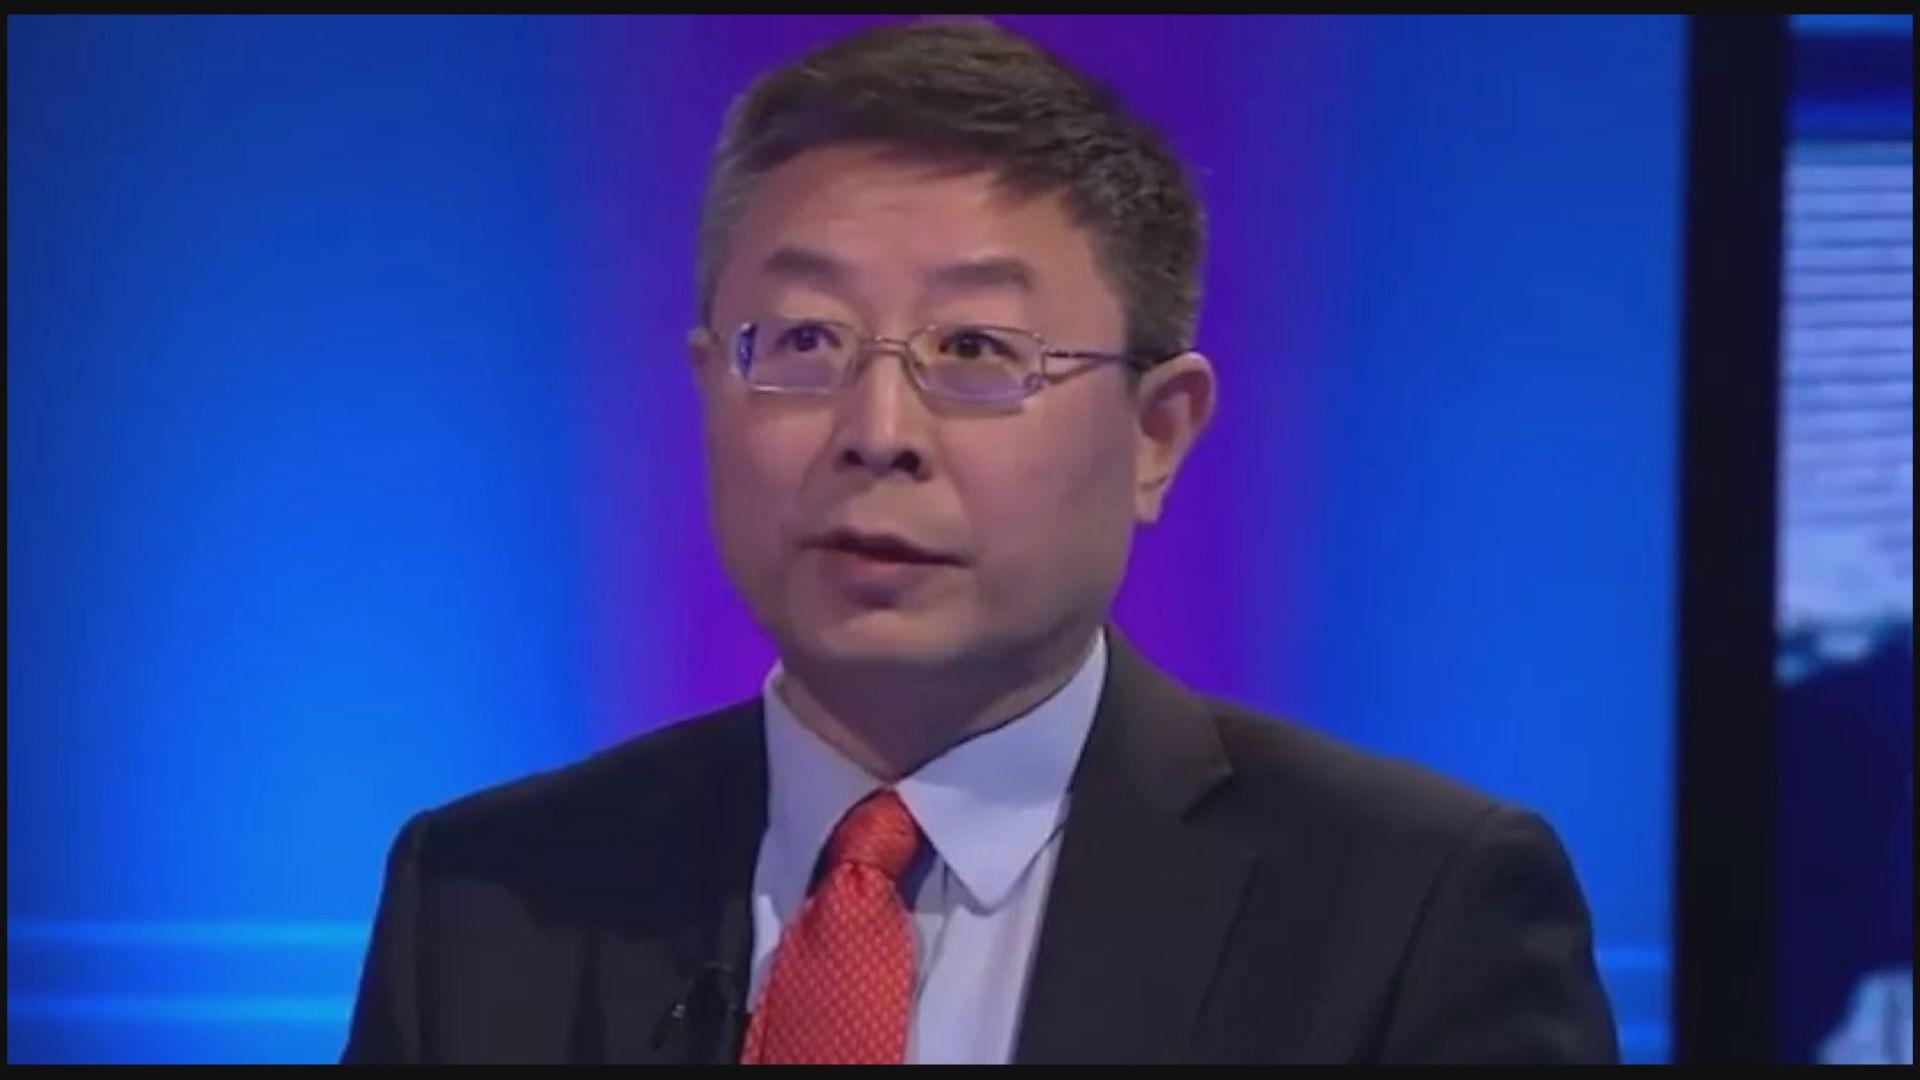 中國駐英國使館公使警告英國政客不得干預香港事務